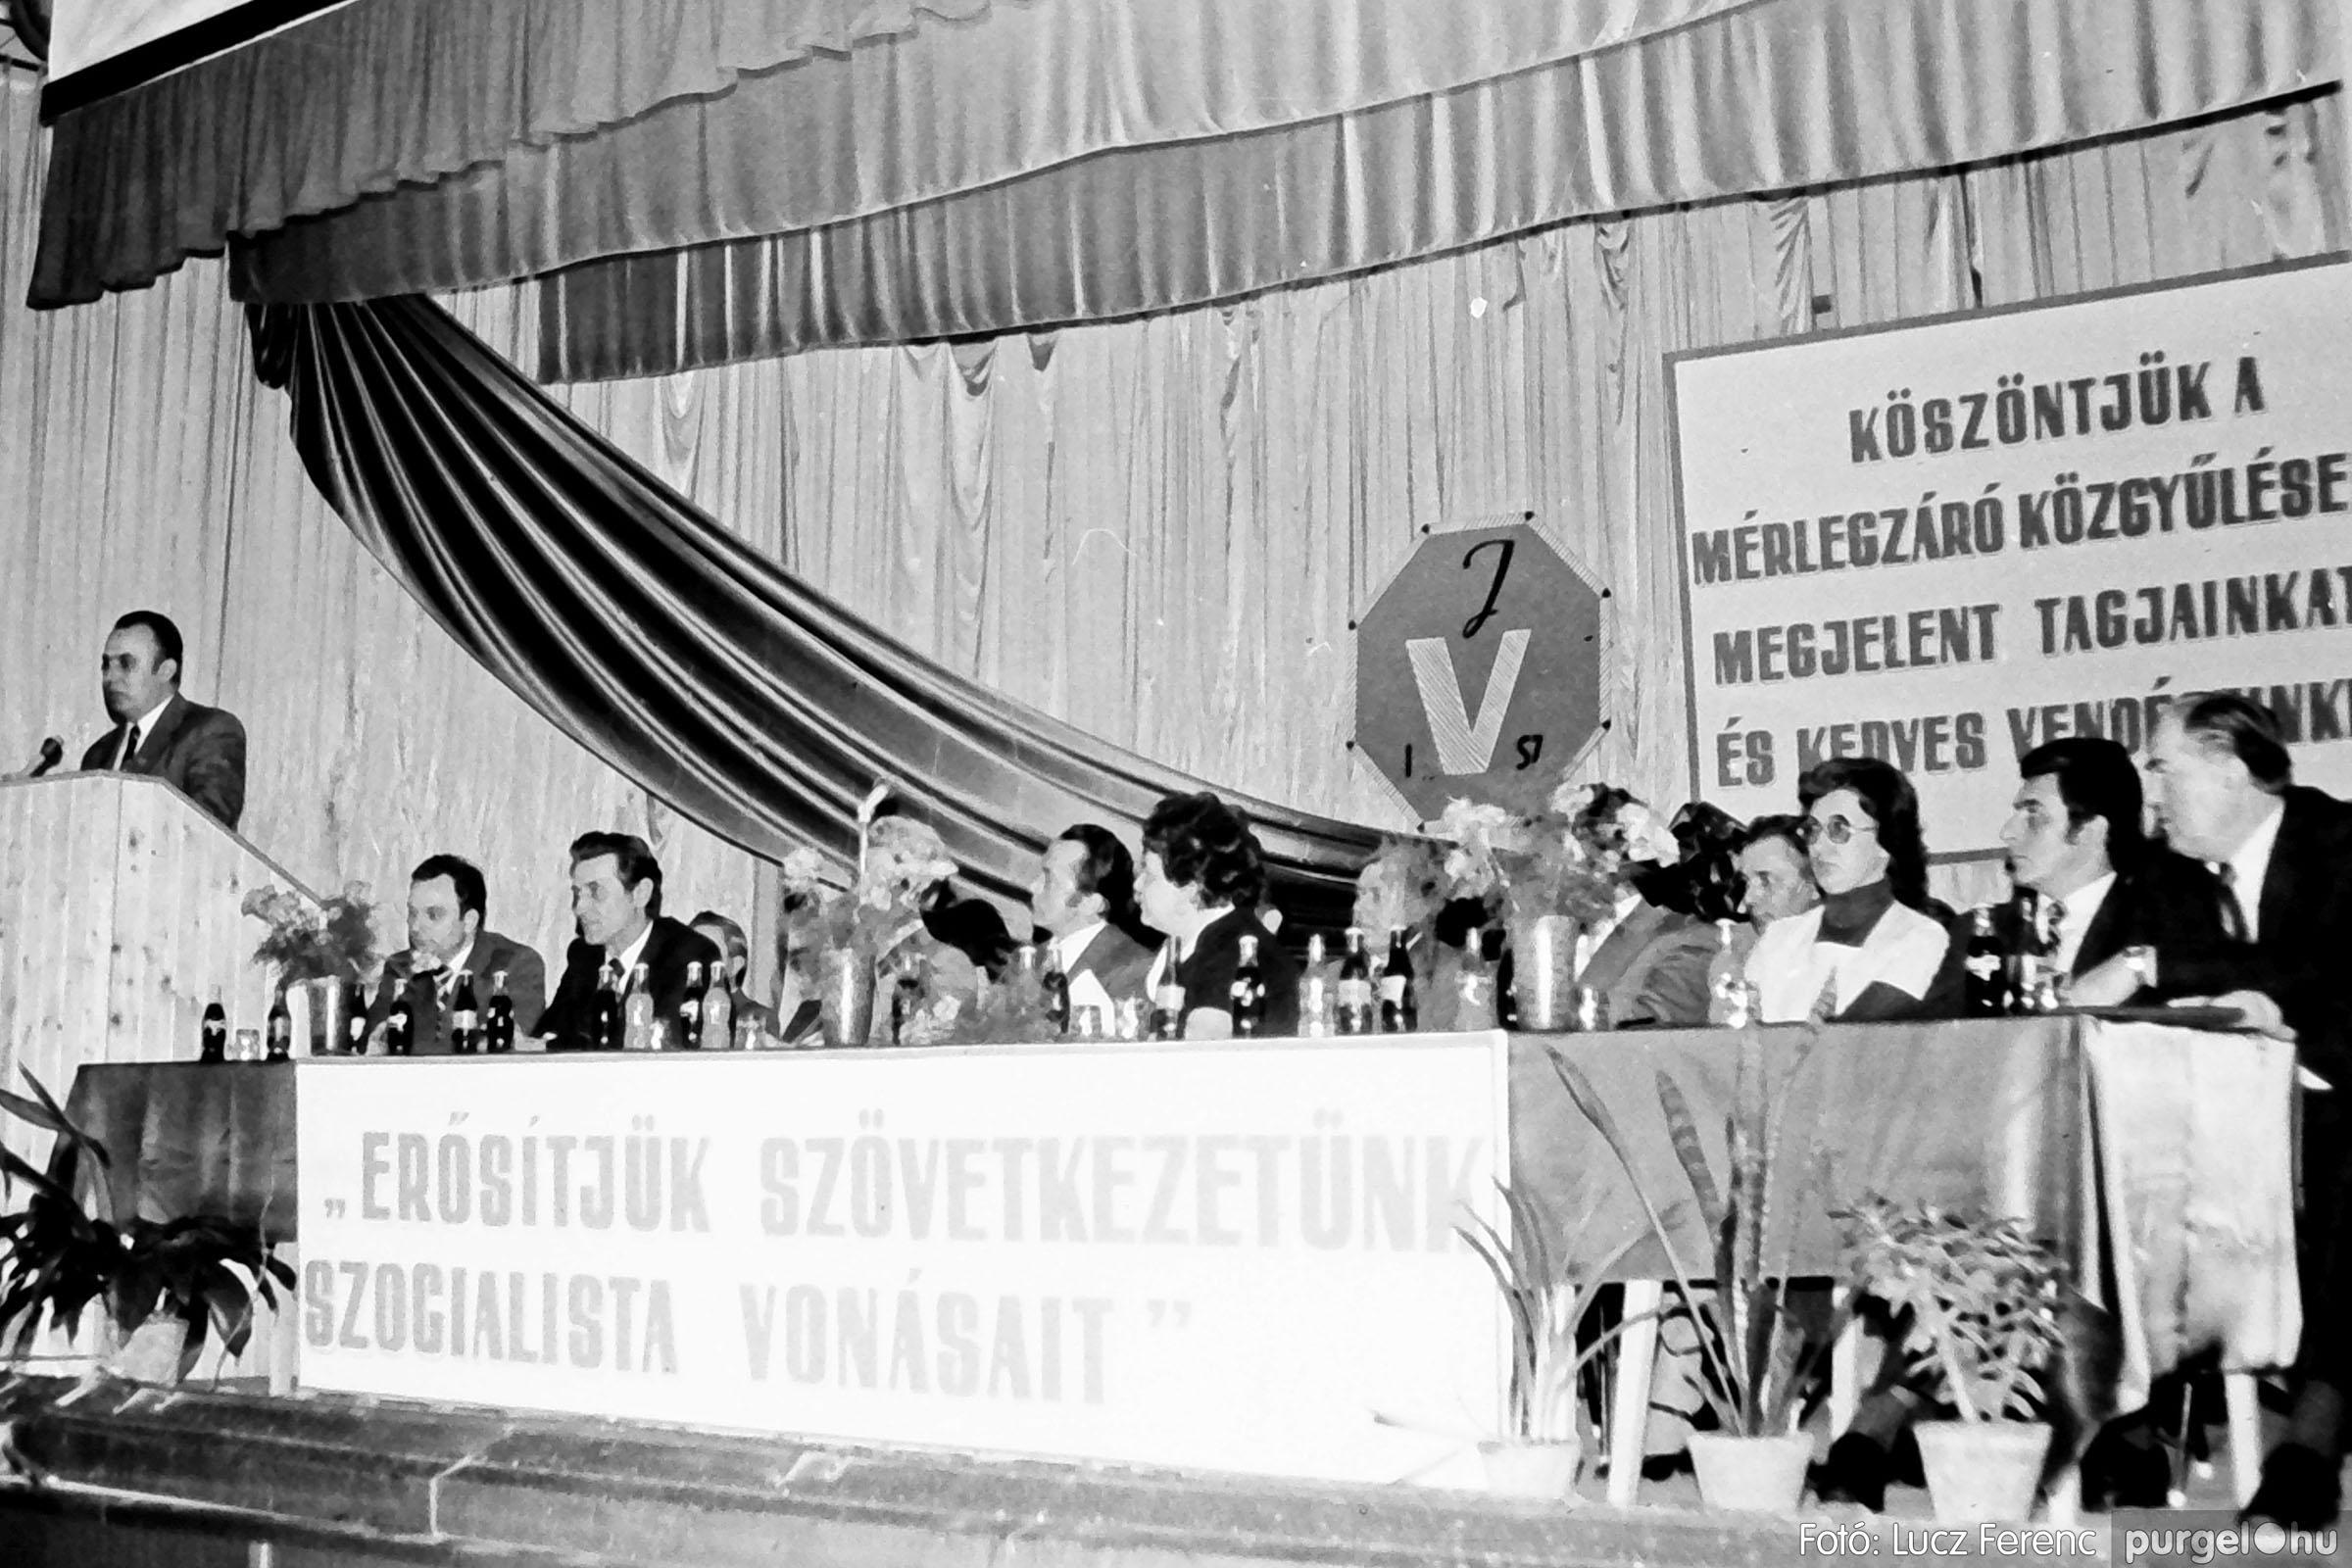 107. 1978. A KTSZ mérlegzáró közgyűlése 027. - Fotó: Lucz Ferenc.jpg